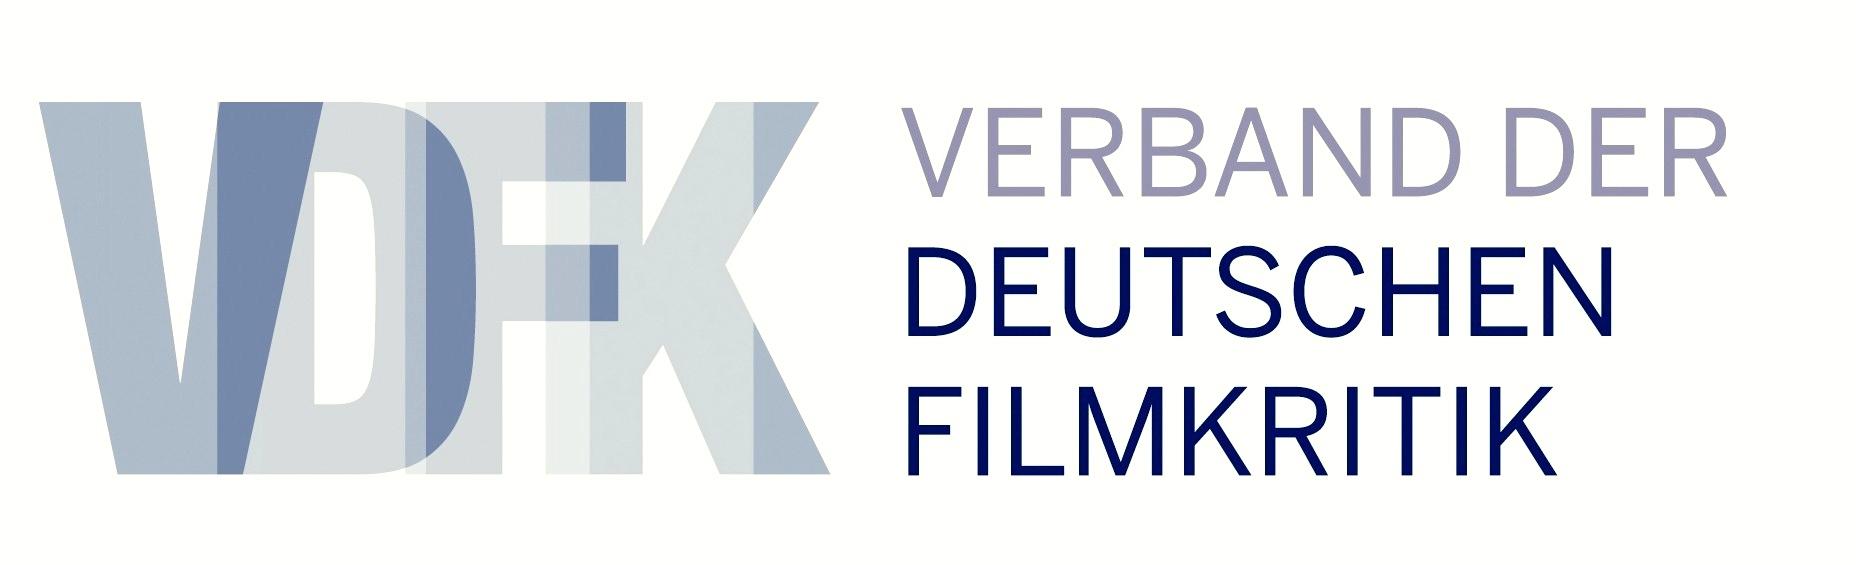 Verband der deutschen Filmkritik e.V.